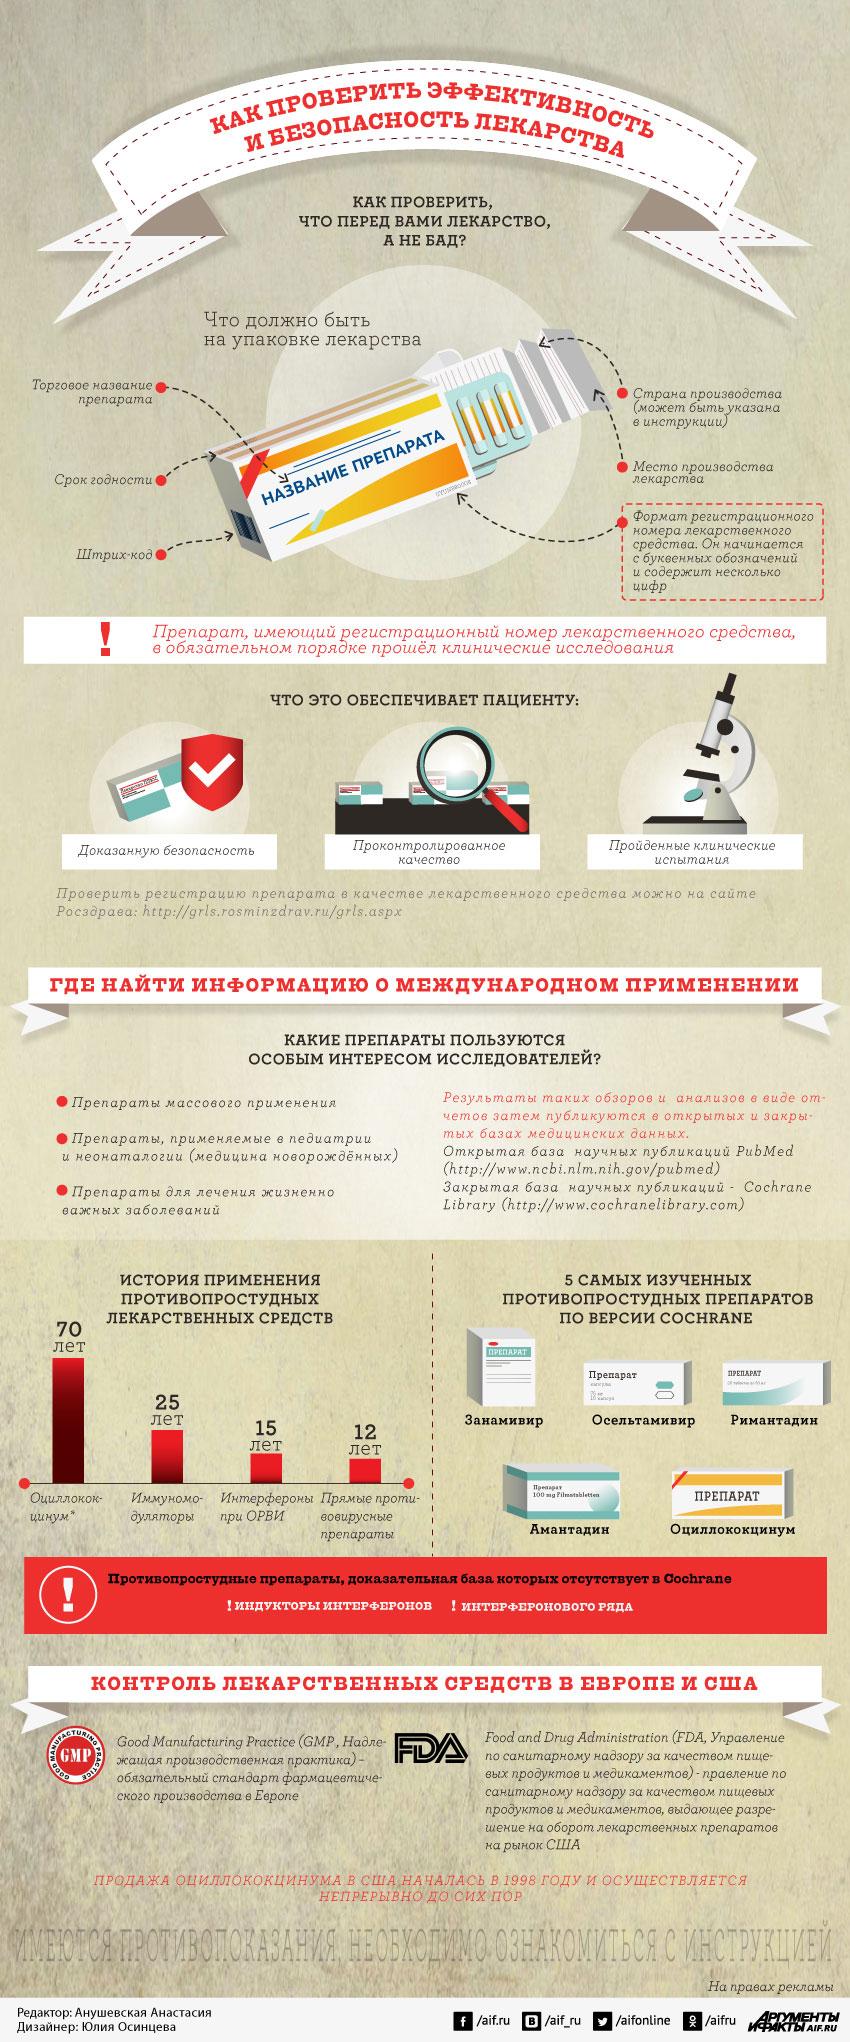 Как проверить эффективность и безопасность лекарства. Инфографика